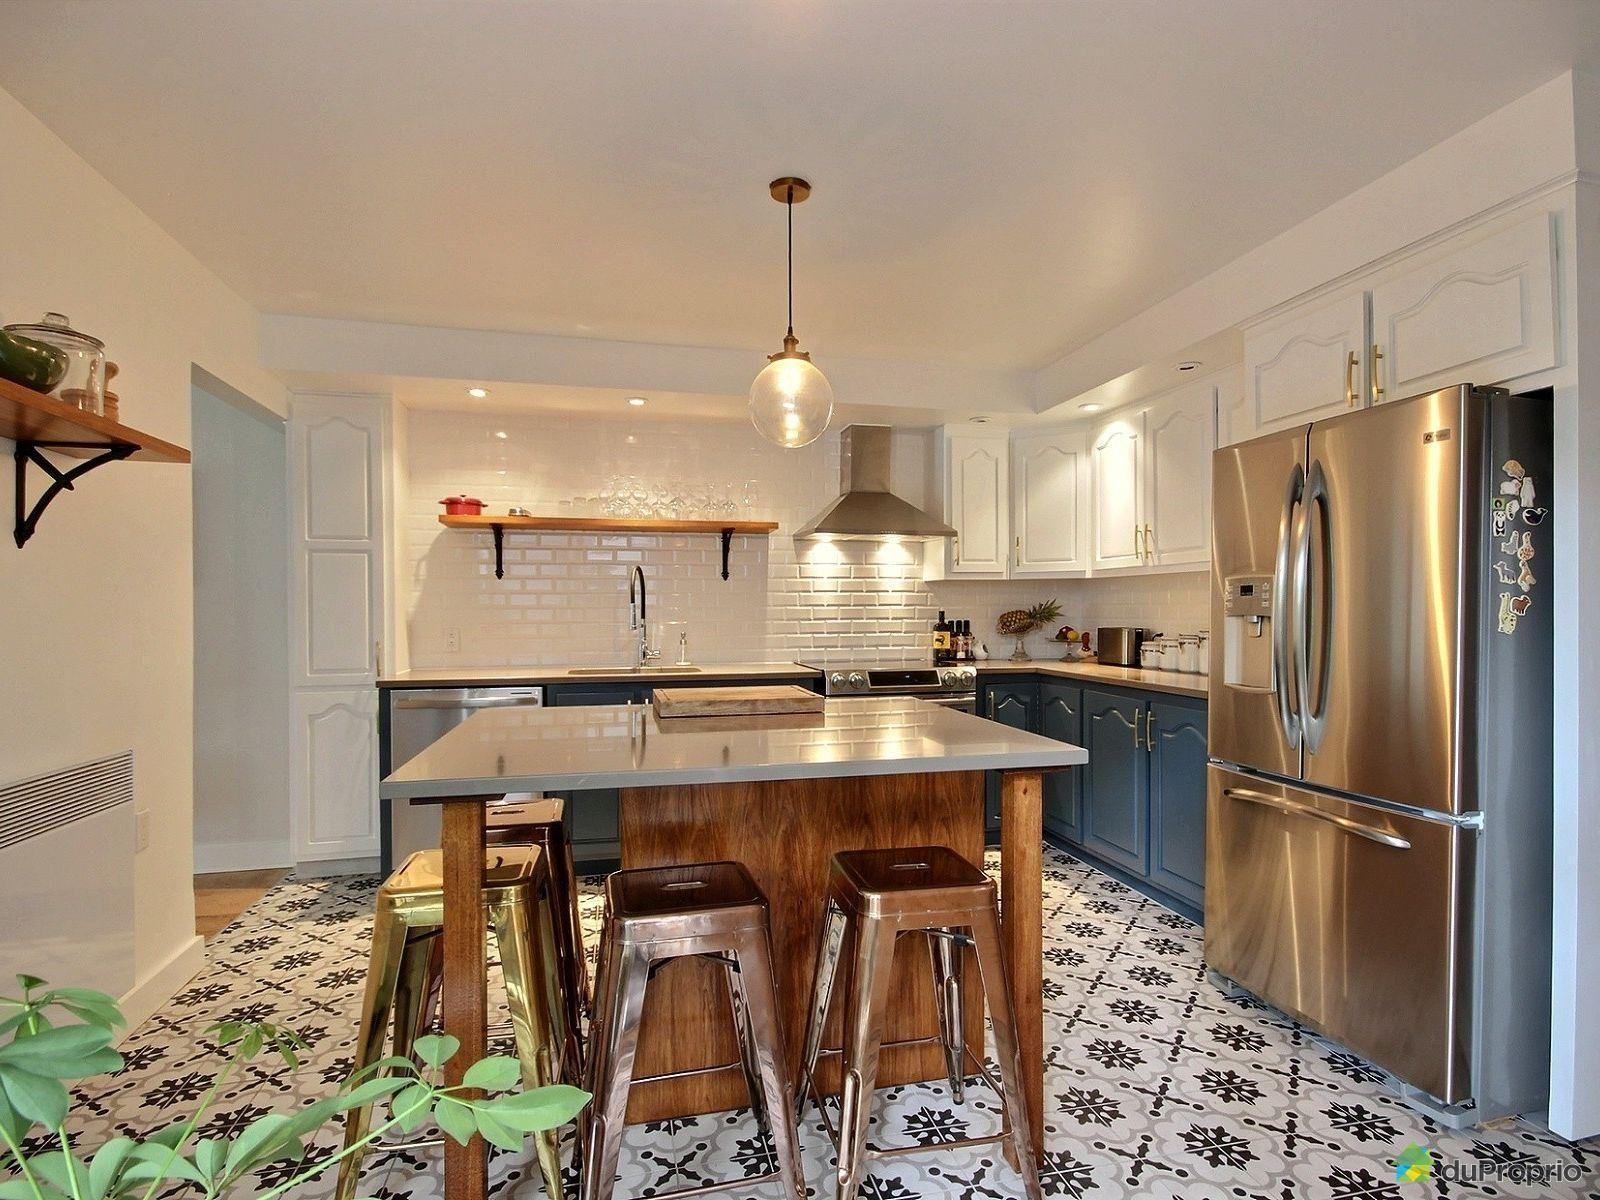 Tr s belle cuisine contemporaine avec un lot rustique on aime la c ramique blanche au dosseret - Belles cuisines contemporaines ...